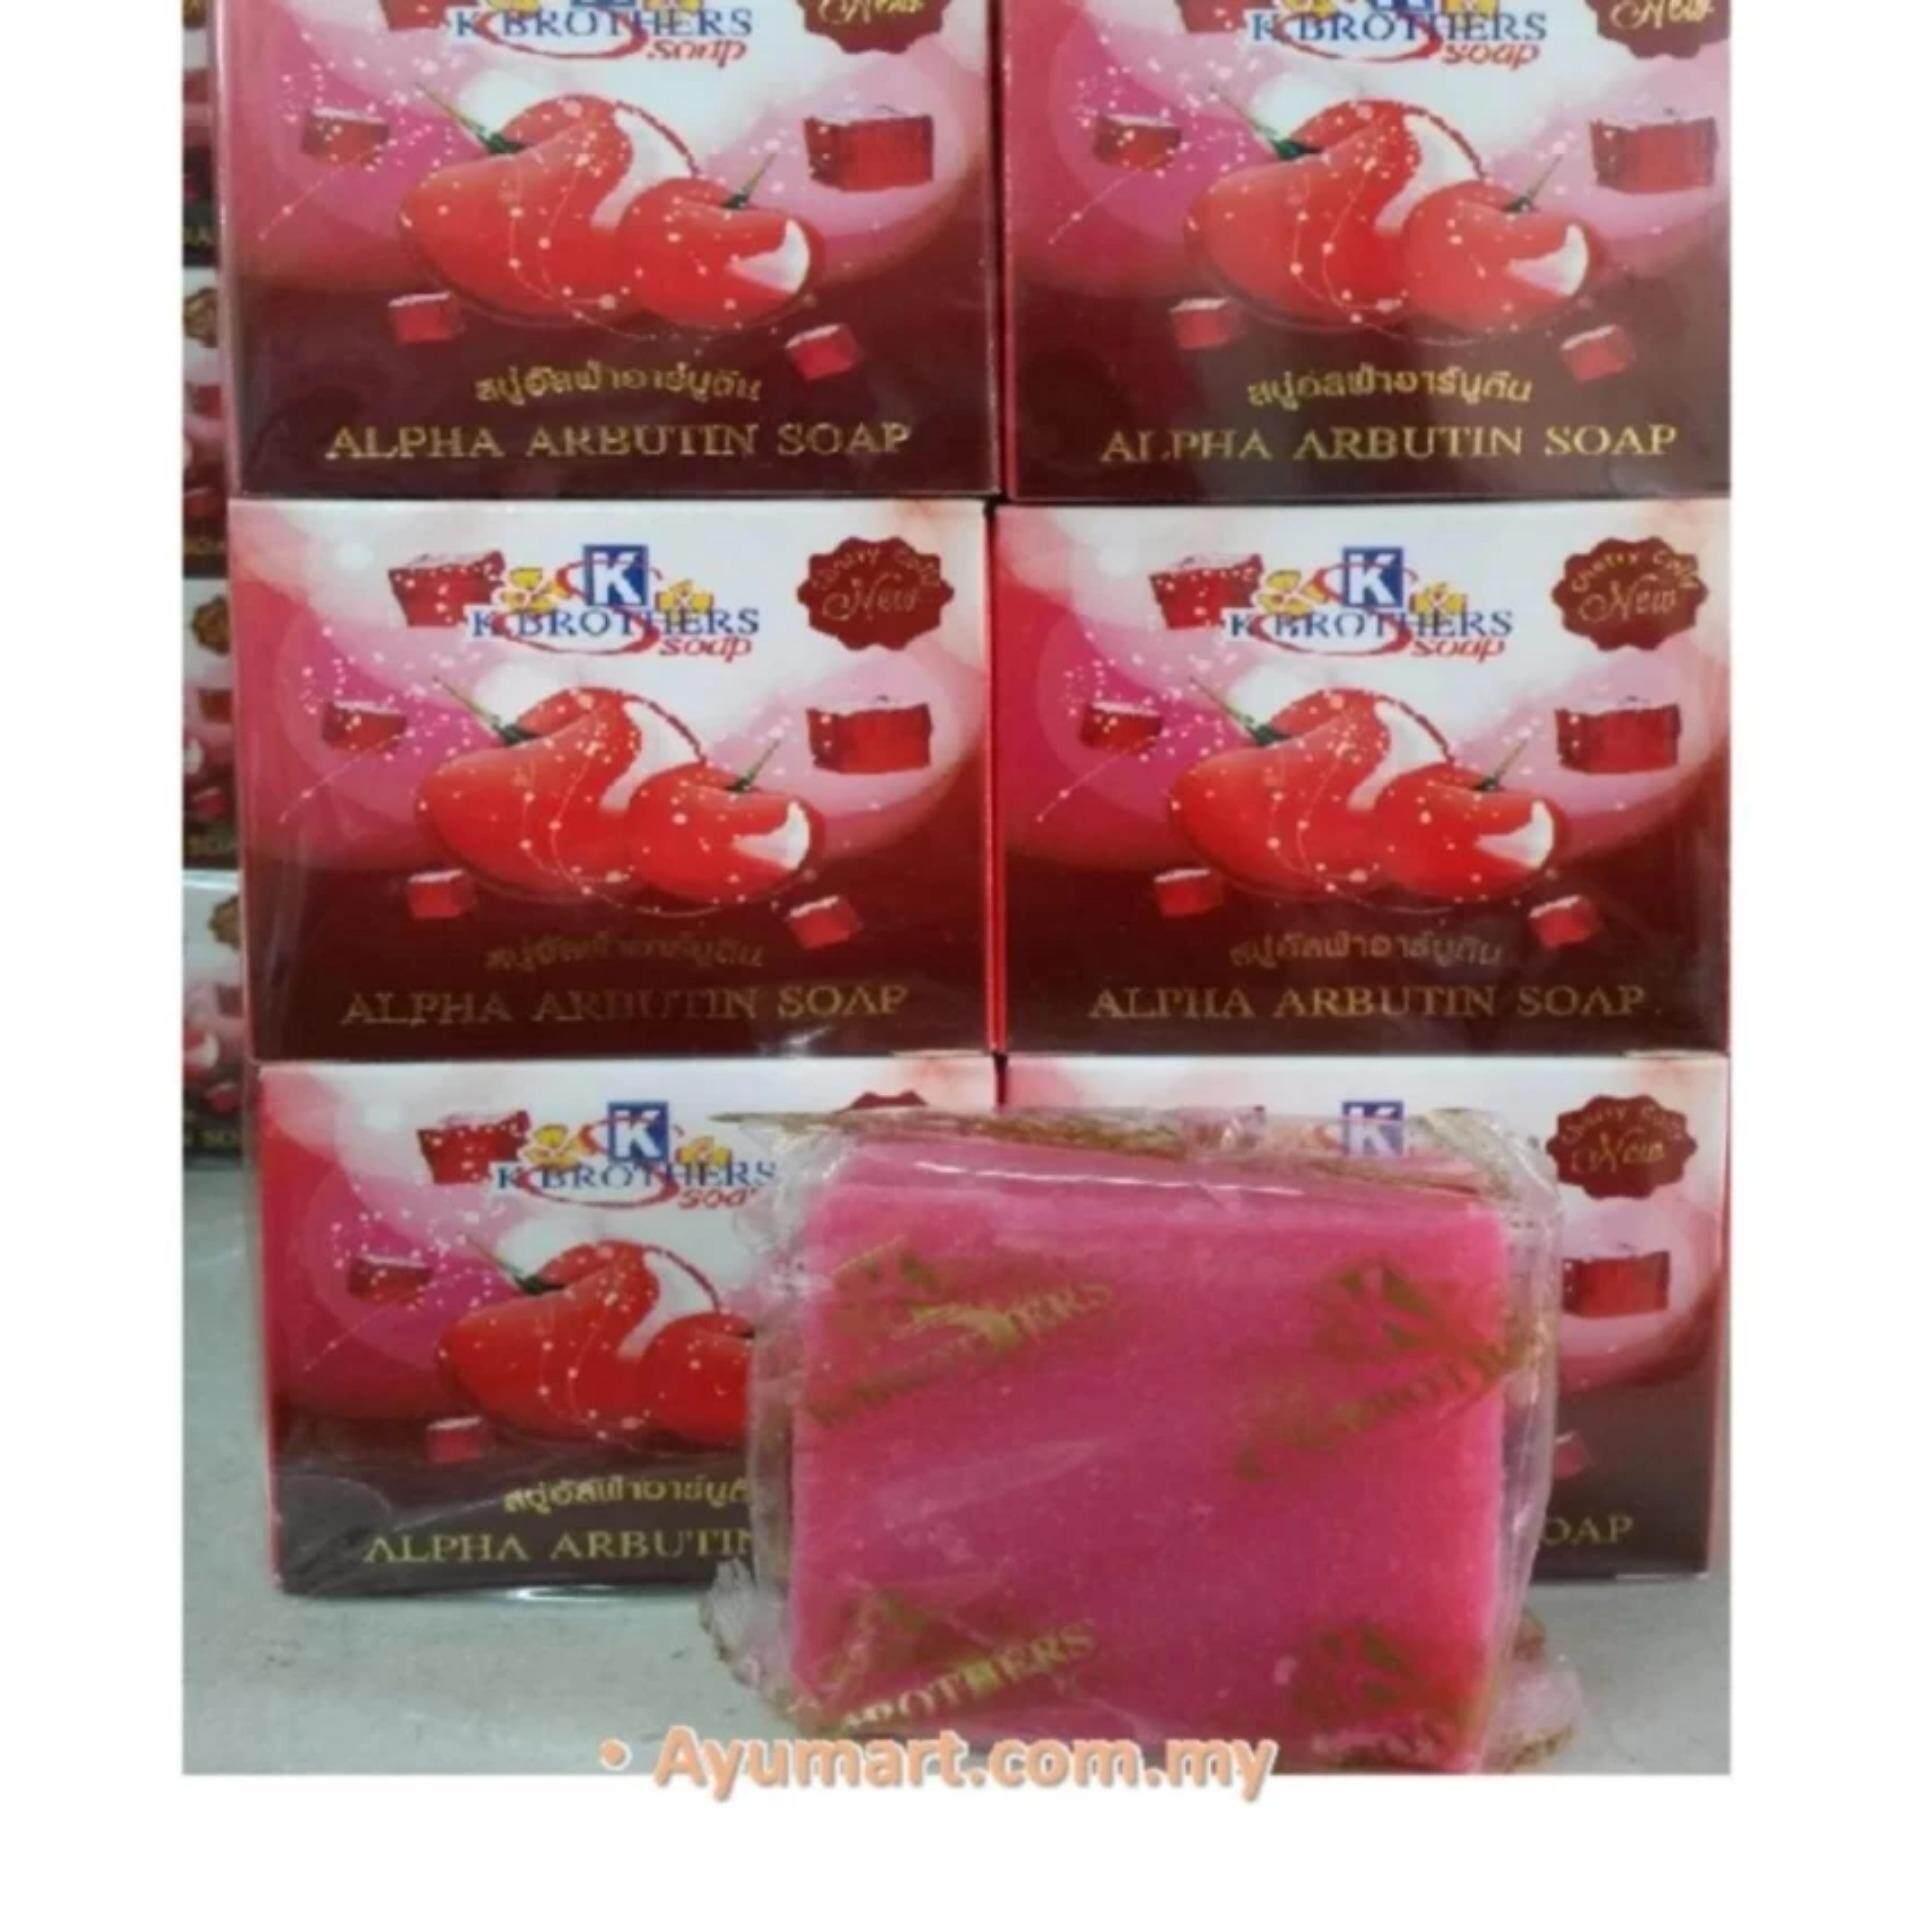 Khanzshop New Arrival Strepsils Cool 12 Sachet 72 Pcs Clearance Salek Brothers Alpha Arbutin Soap 12pcs